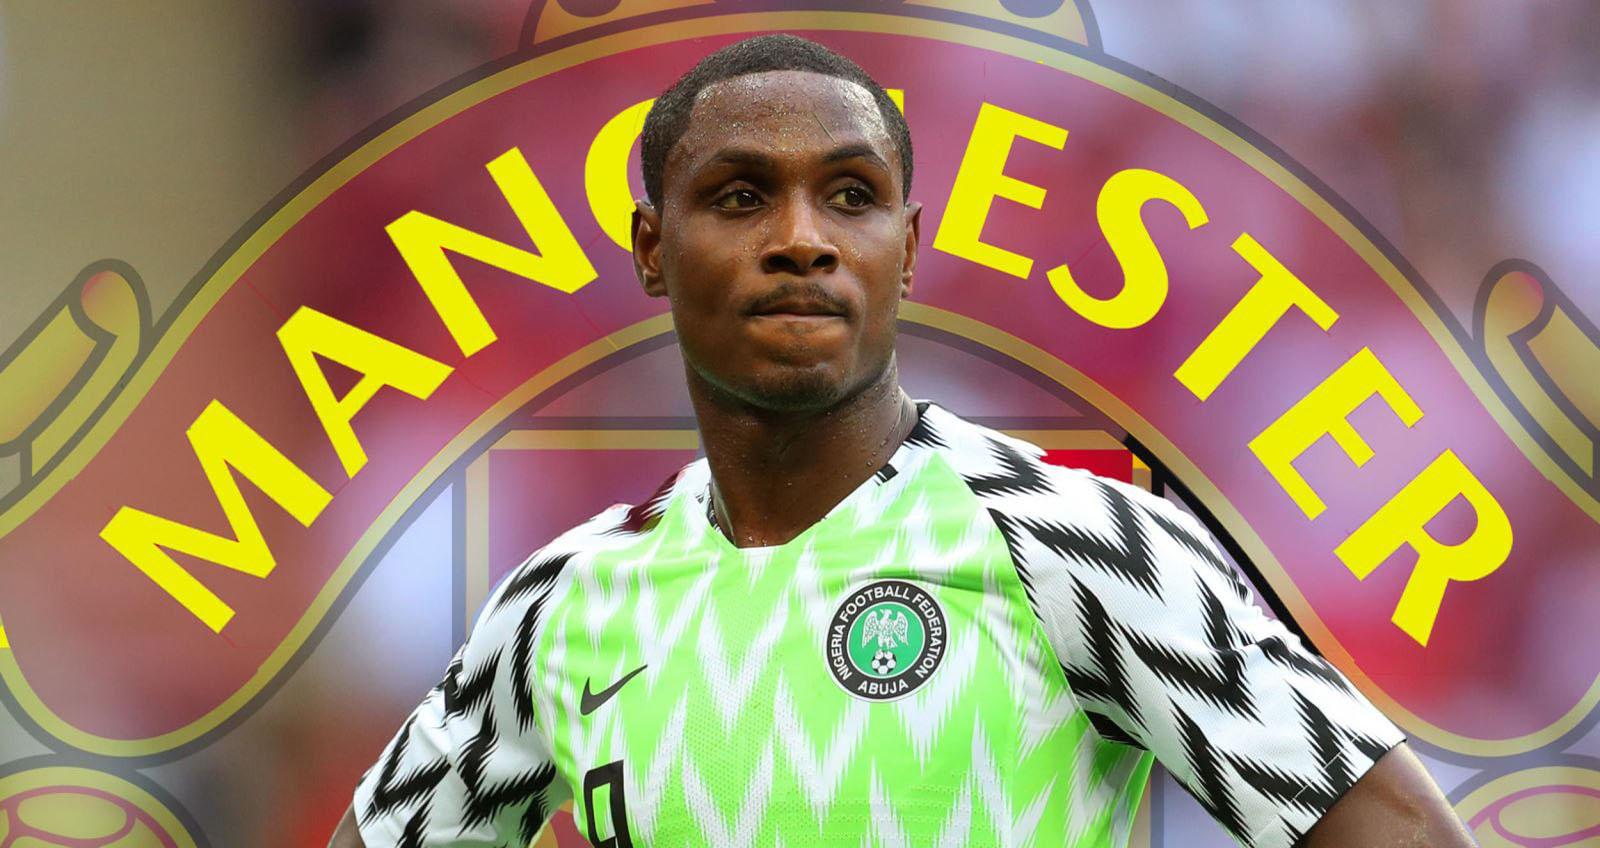 Odion Ighalo, Manchester United, MU, trực tiếp MU, lịch thi đấu MU, chuyển nhượng, Ighalo, bóng đá, bong da